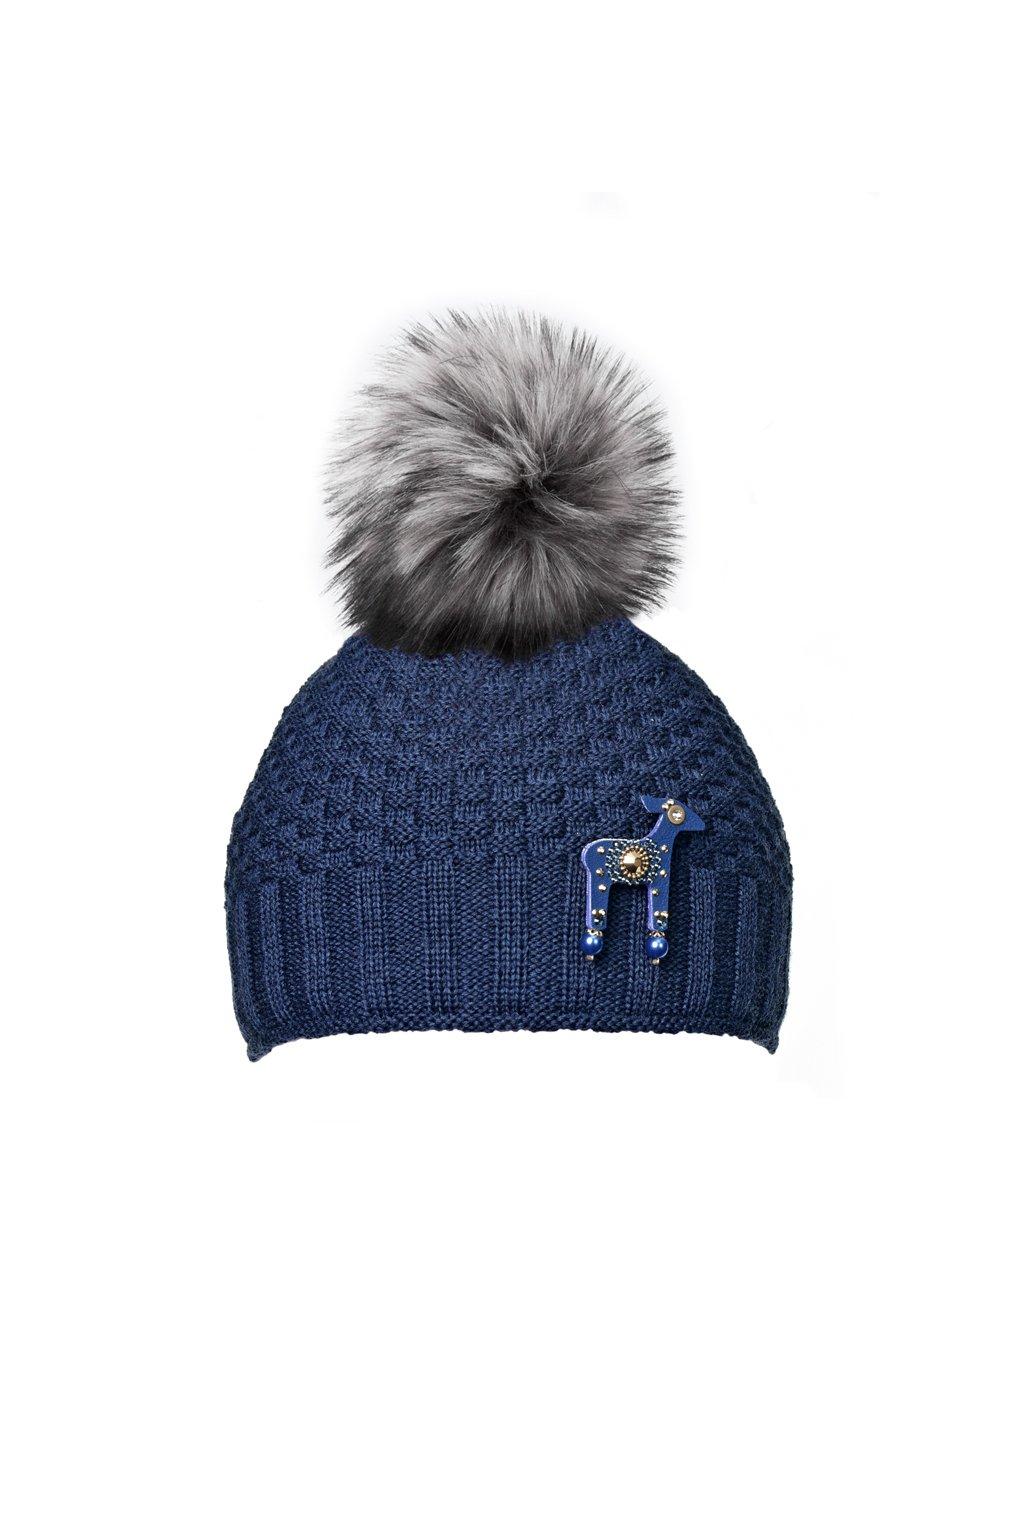 Tmavě modrá čepice KAMA s mini laní